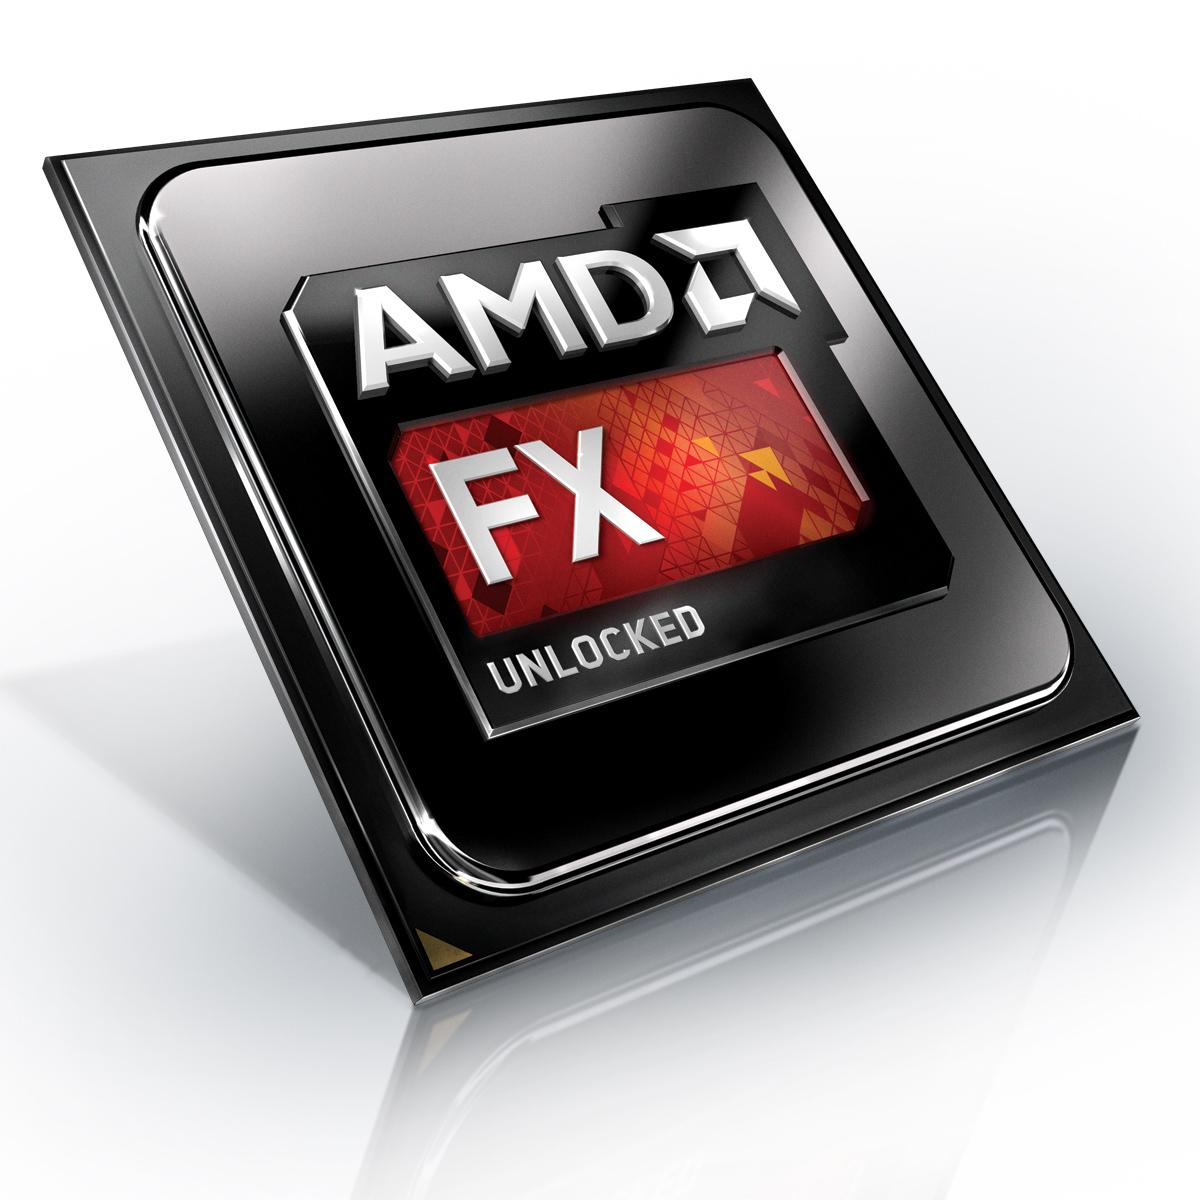 Processeur AMD FX 8370 (4.0 GHz) Processeur 8-Core socket AM3+ Cache L3 8 Mo 0.032 micron TDP 125W (version boîte - garantie constructeur 3 ans)